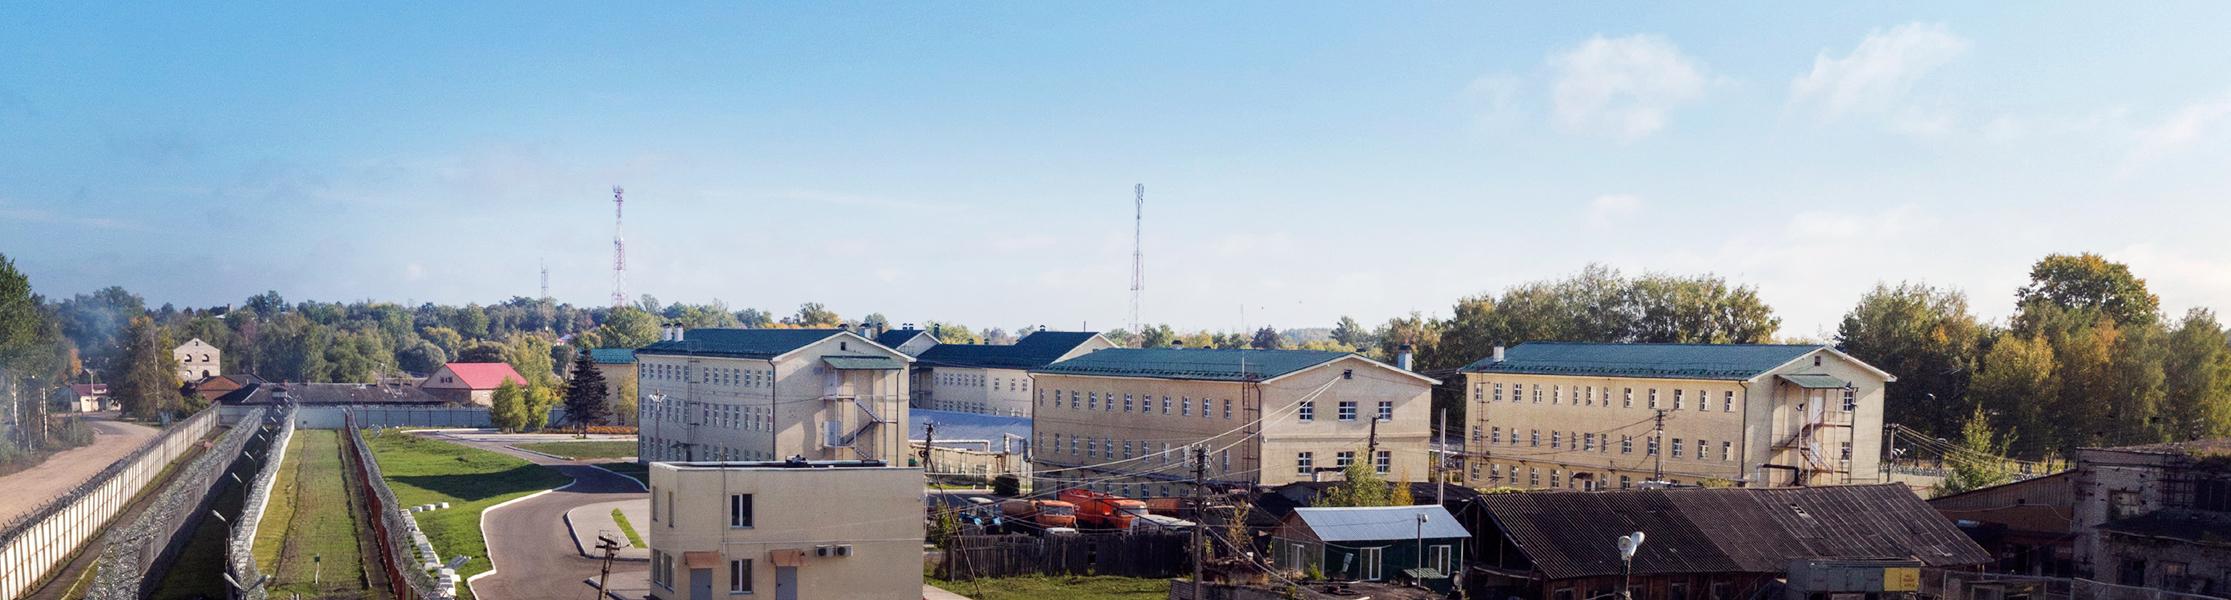 Смоленская психиатрическая больница в Сычевке